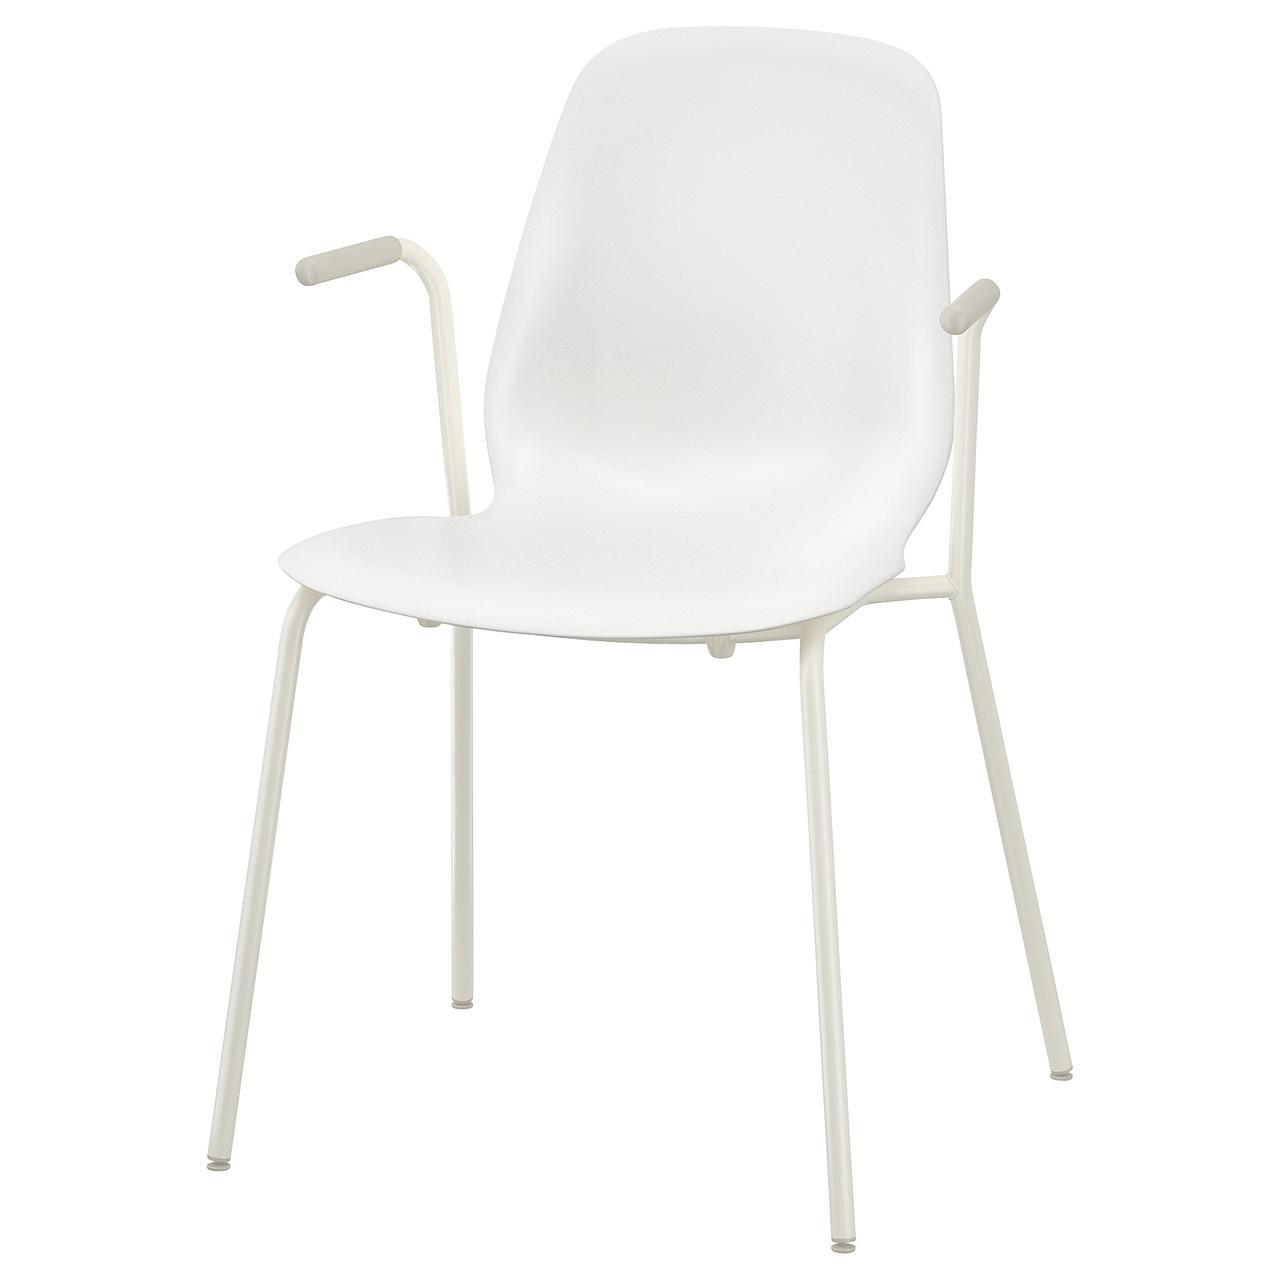 ЛЕЙФ-АРНЕ Легкое кресло, белый, Дитмар белый